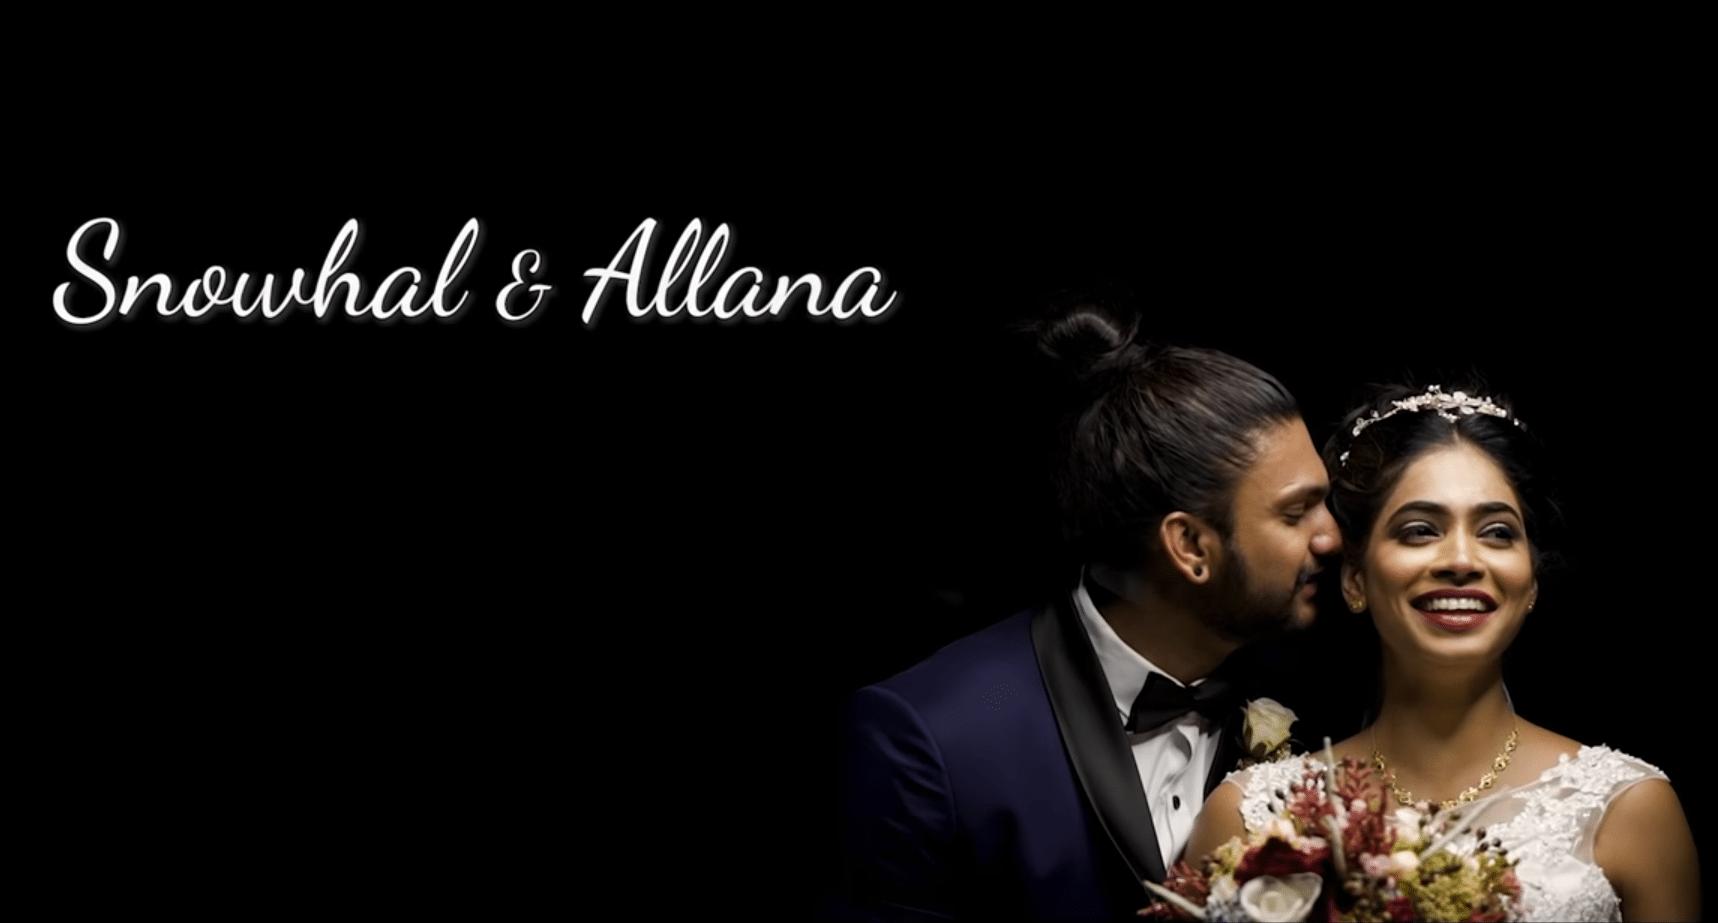 Snowhal & Allana